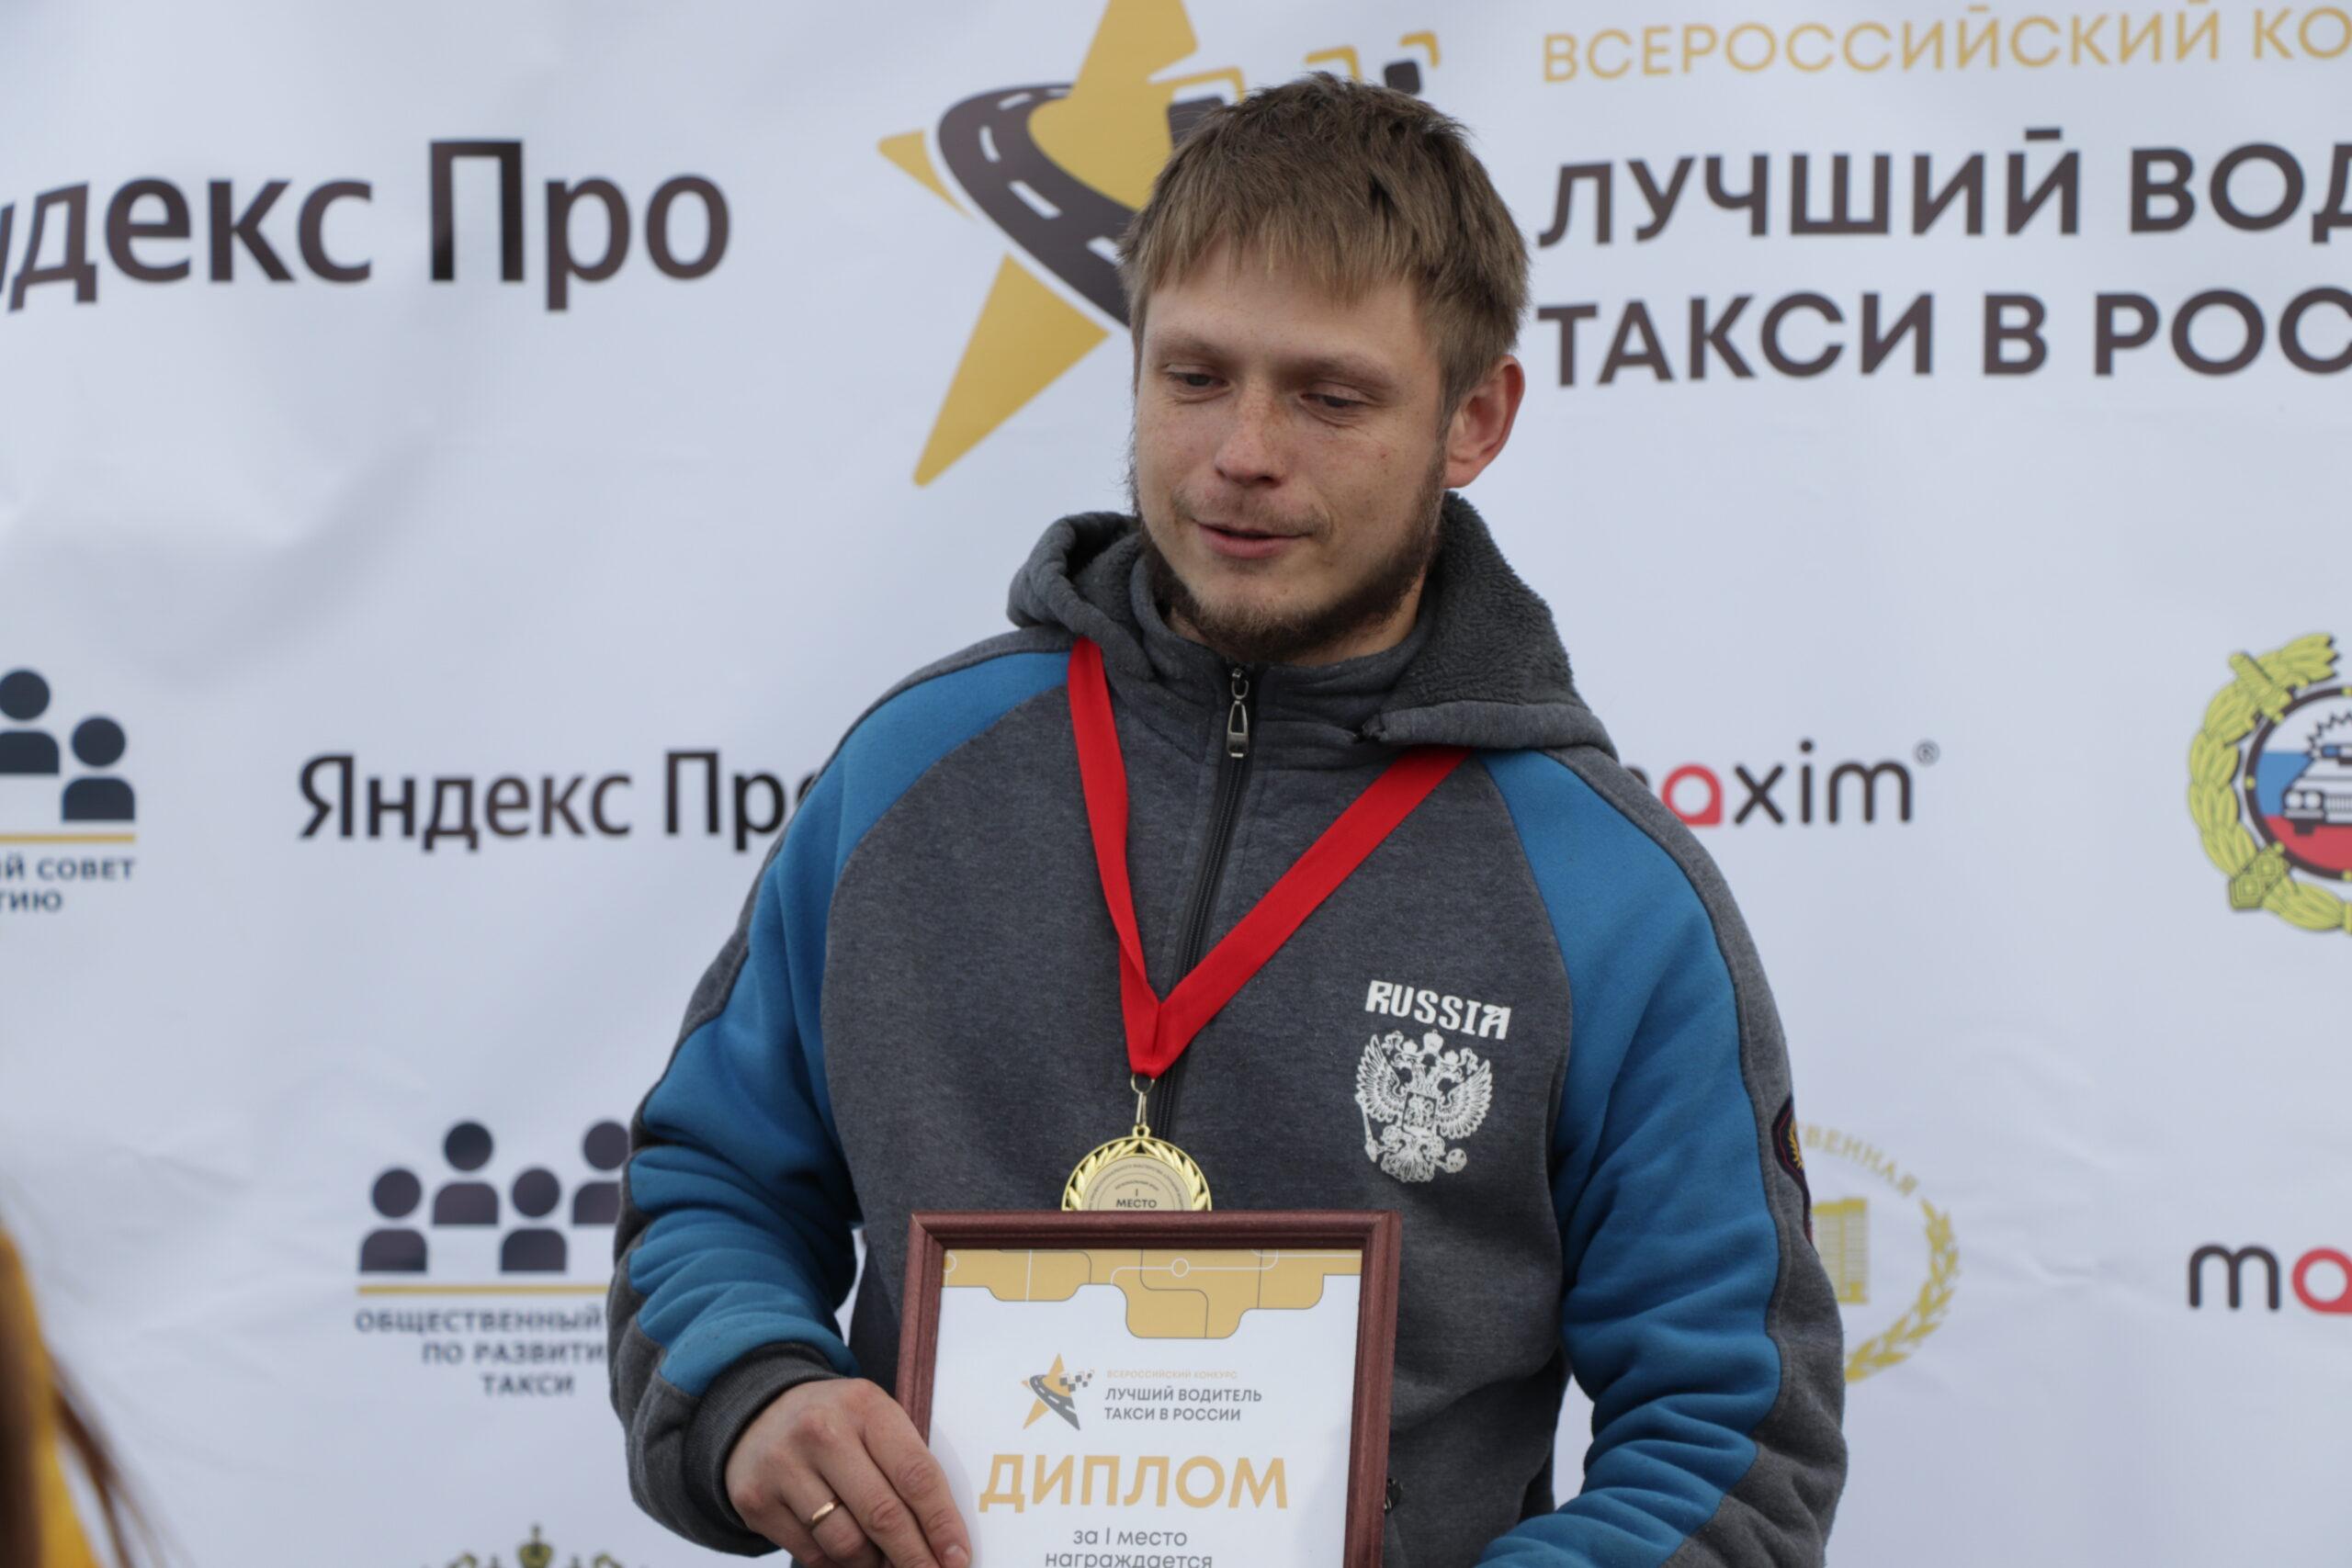 Сергей Попов – лучший водитель такси Пермского края